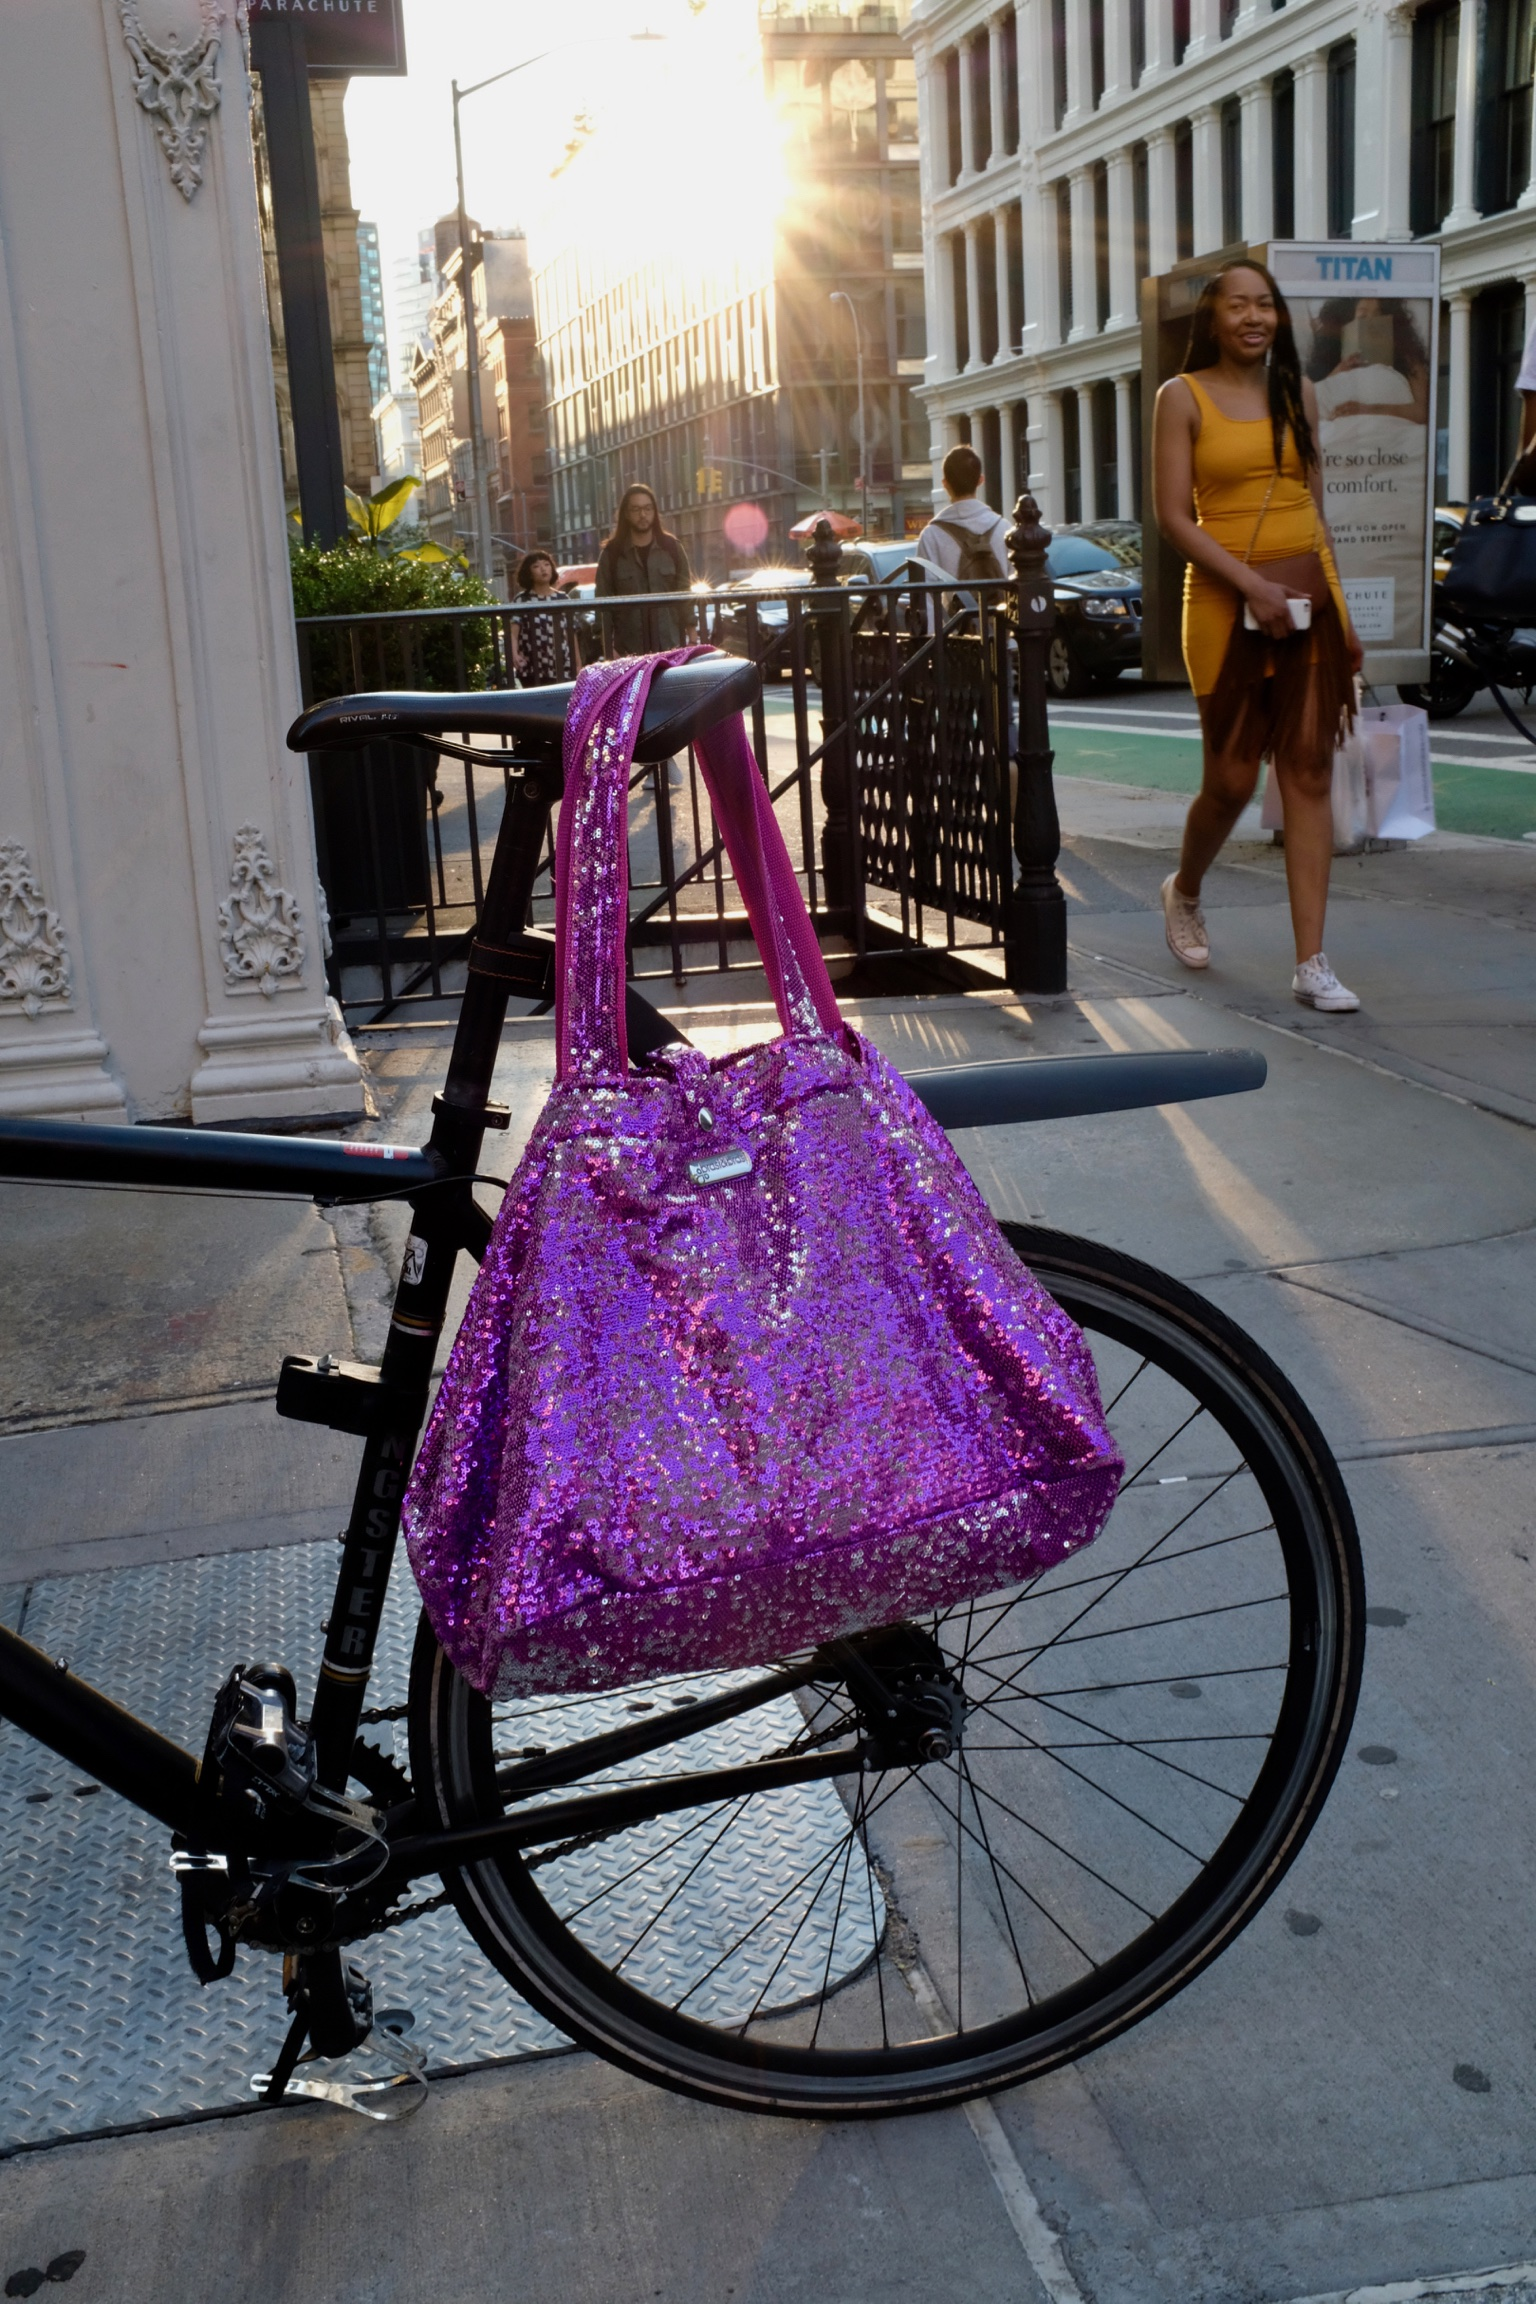 Blog für Frauen über 50 BeFifty Was anziehen, wenn es richtig heiß wird? Zadig&Voltaire Kleid Schuhe IvyLee Copenhagen Ruby Store München Tasche Brasi&Brasi New York